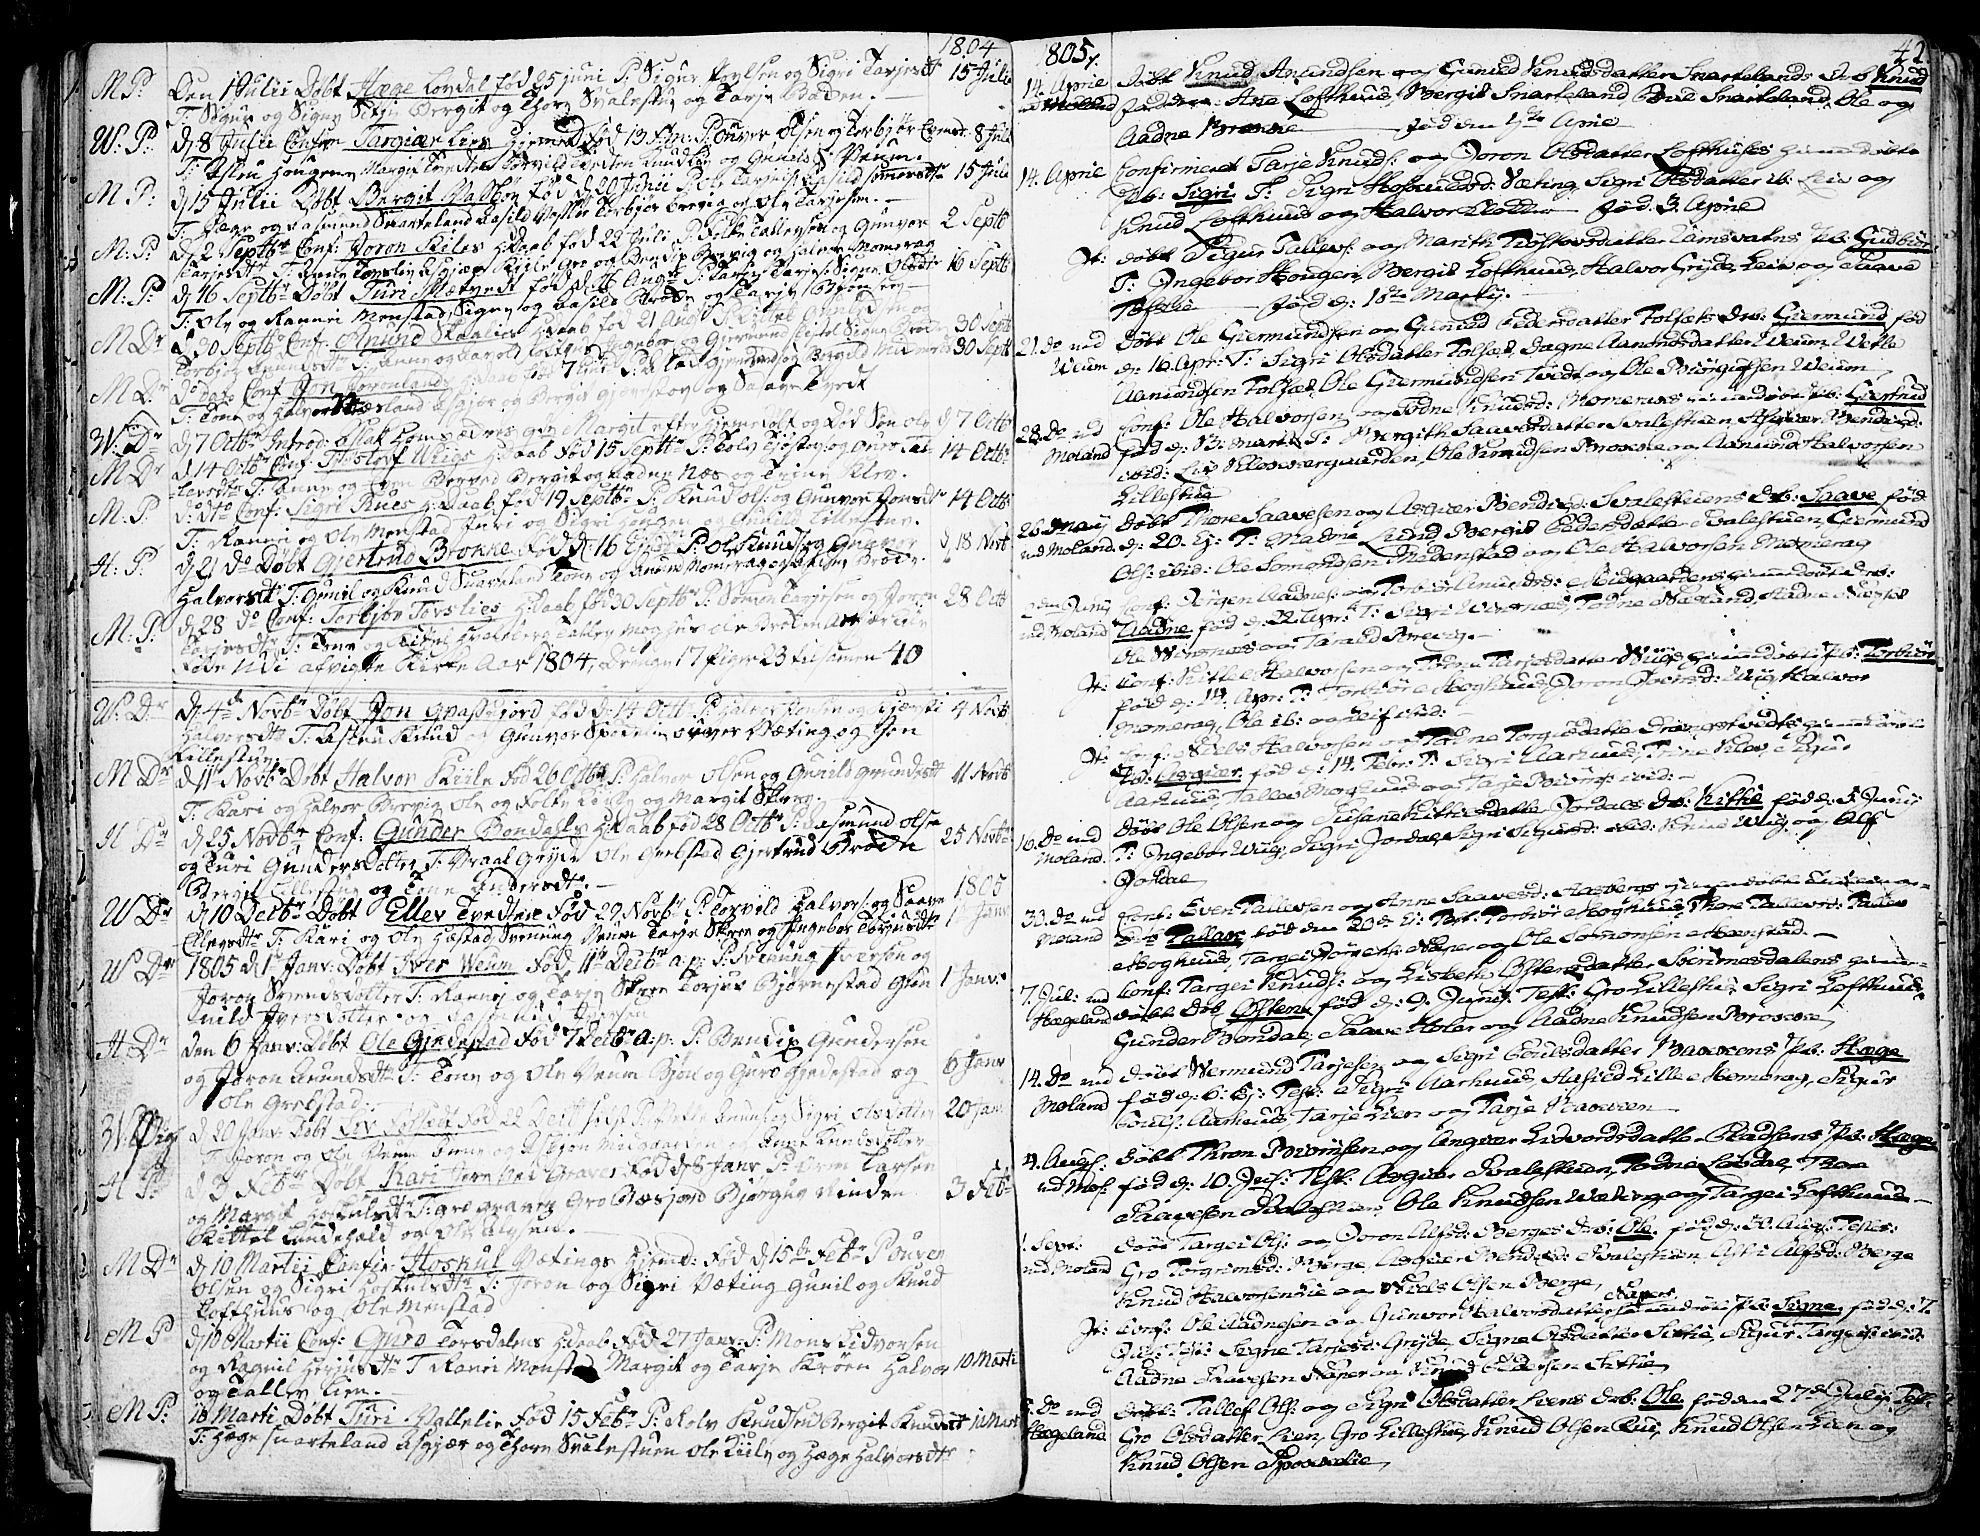 SAKO, Fyresdal kirkebøker, F/Fa/L0002: Ministerialbok nr. I 2, 1769-1814, s. 42